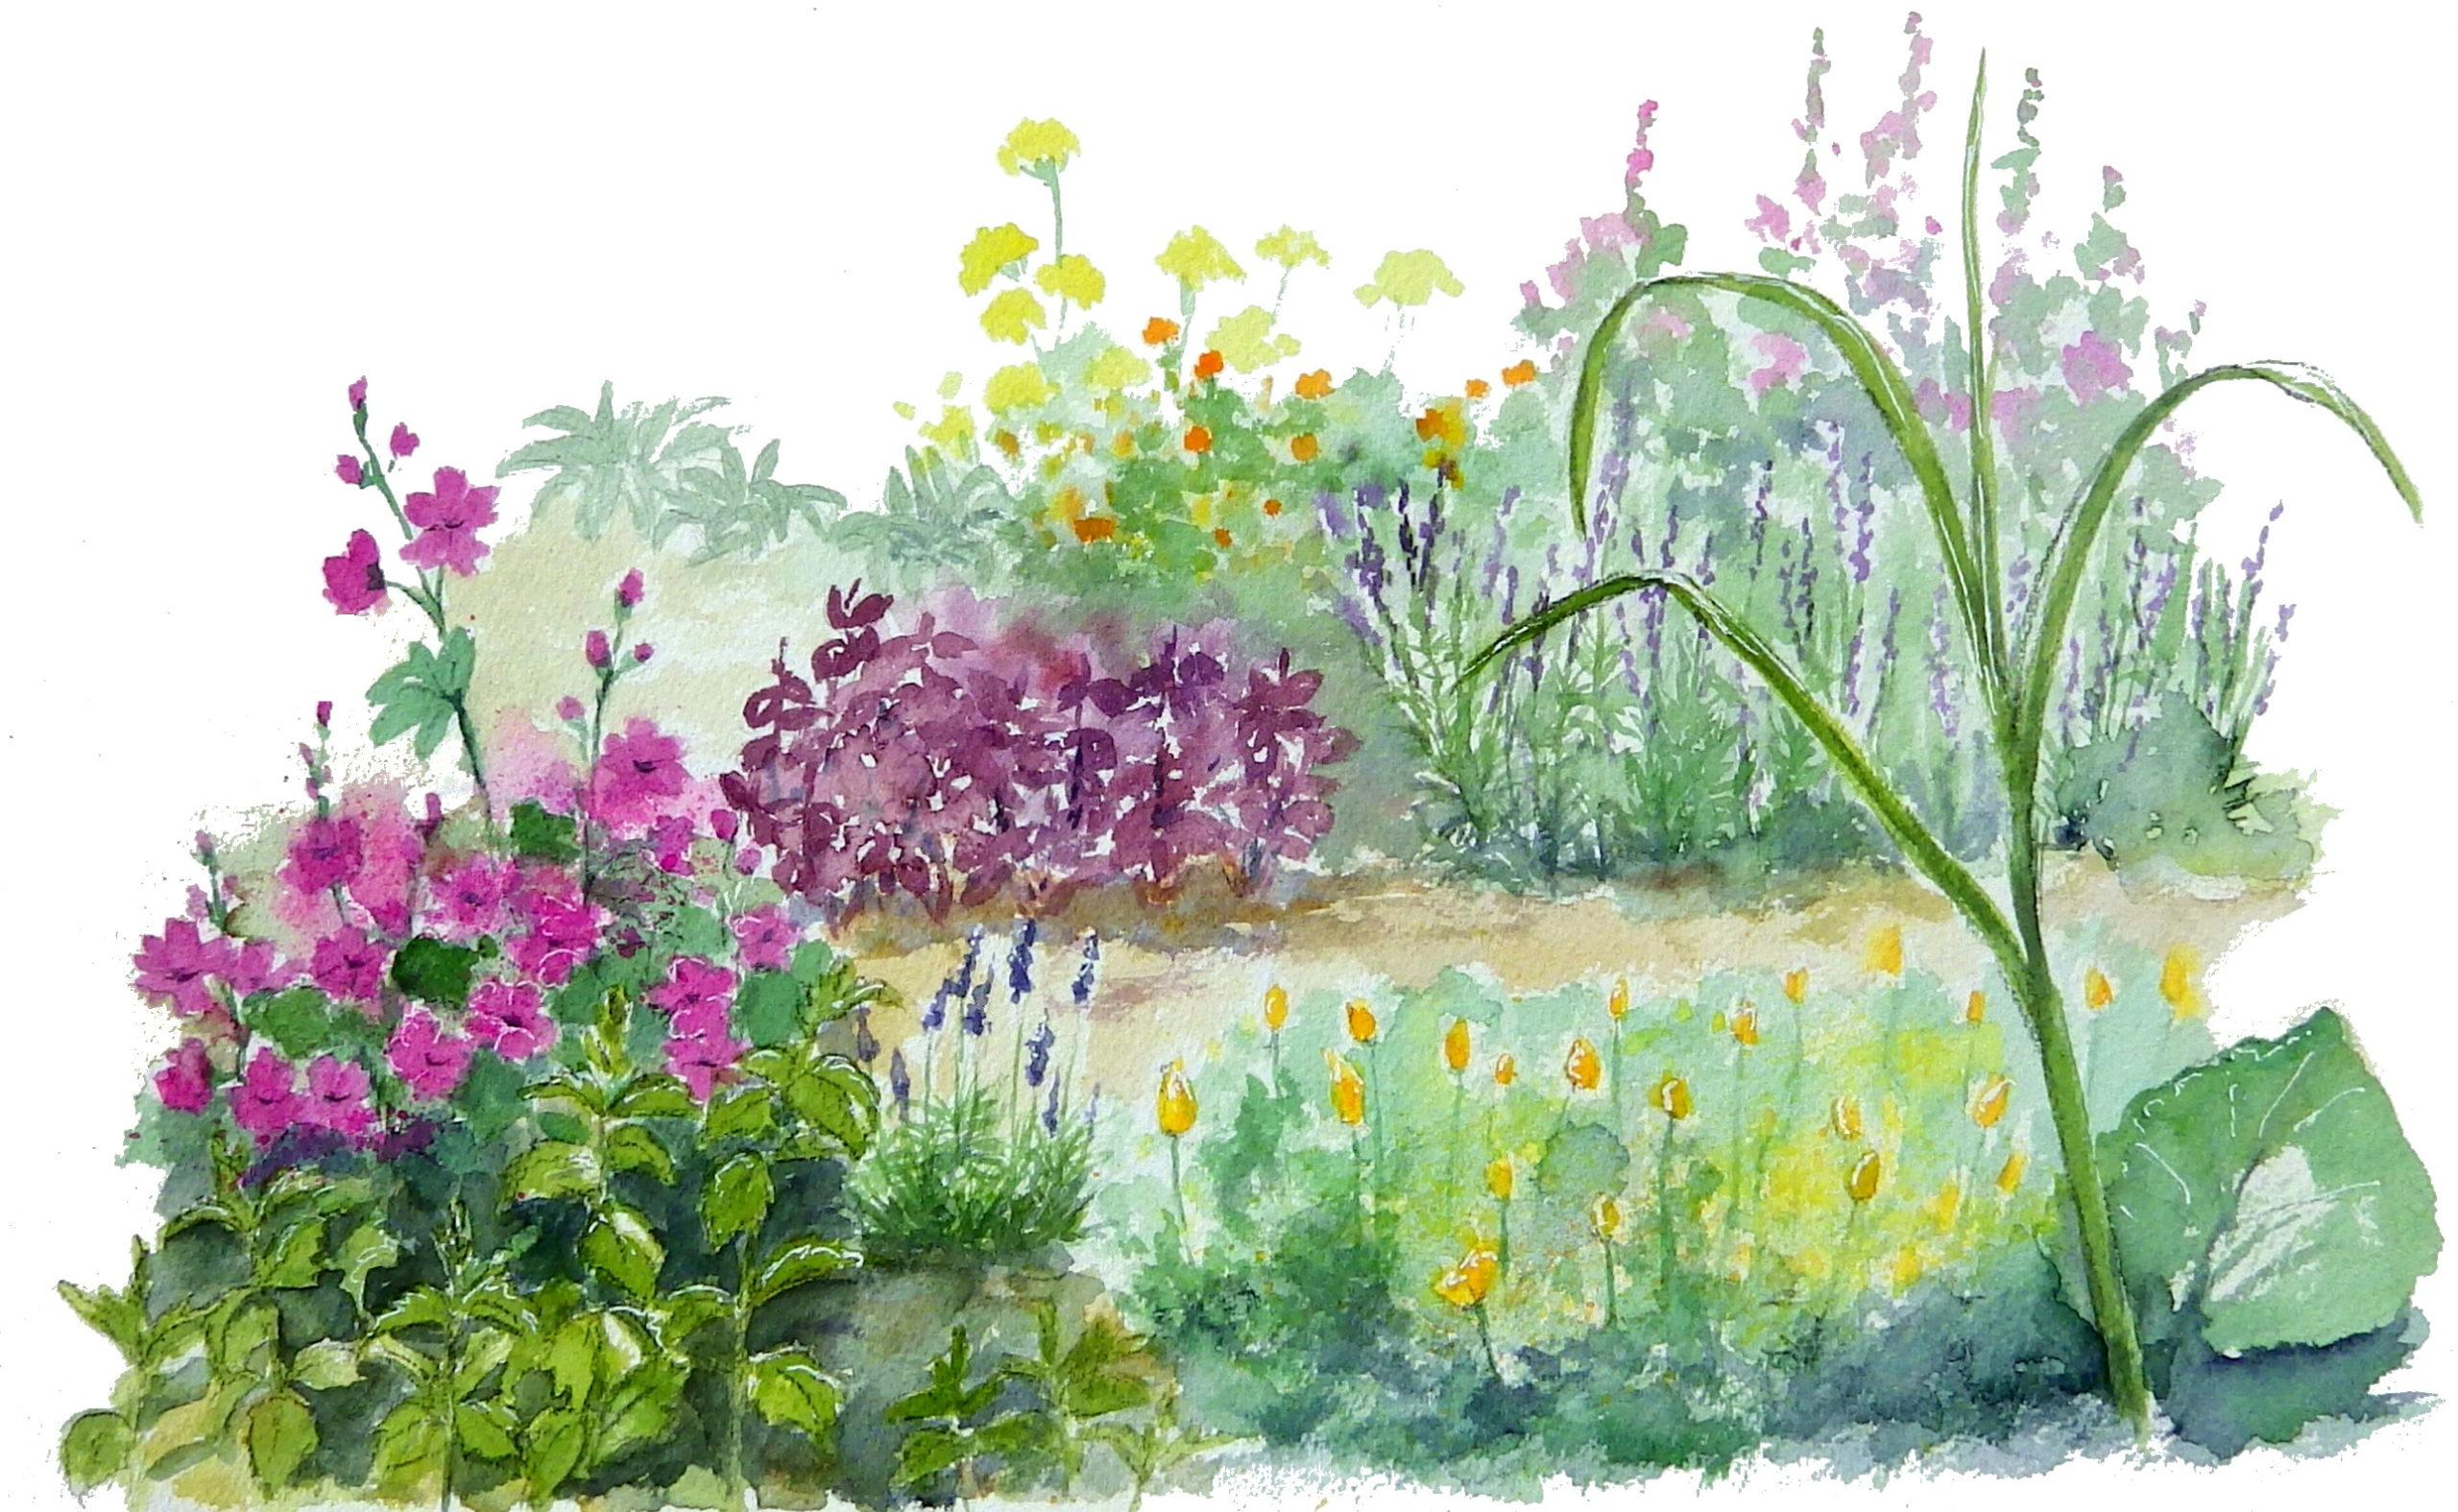 Un jardin sauvage - Microferme de plantes aromatiques et médicinales